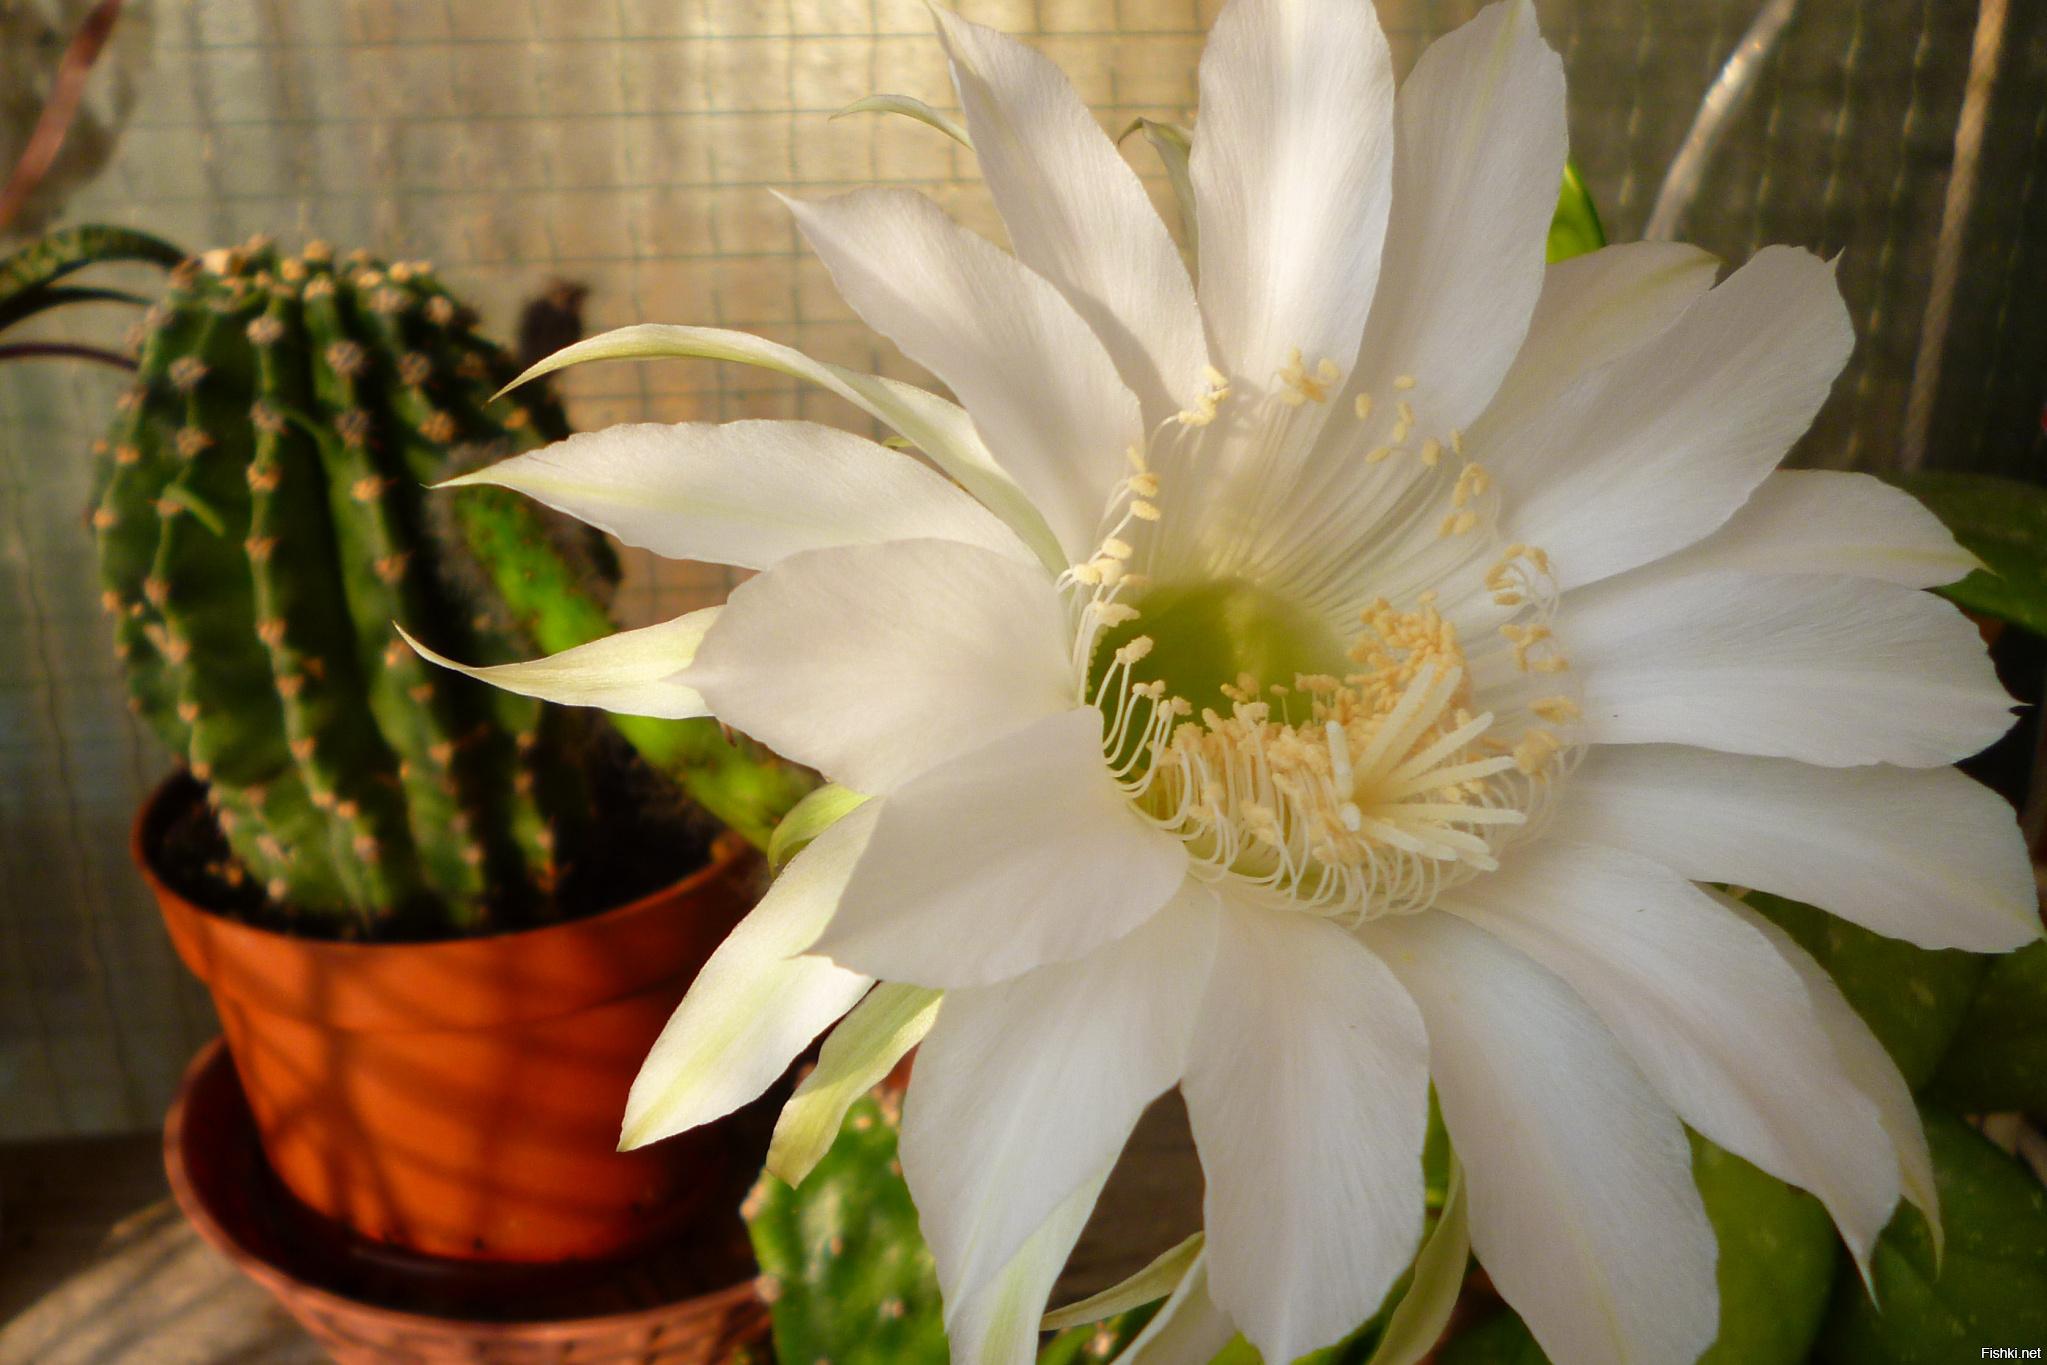 фото как зацветает кактус фото духов день хочу